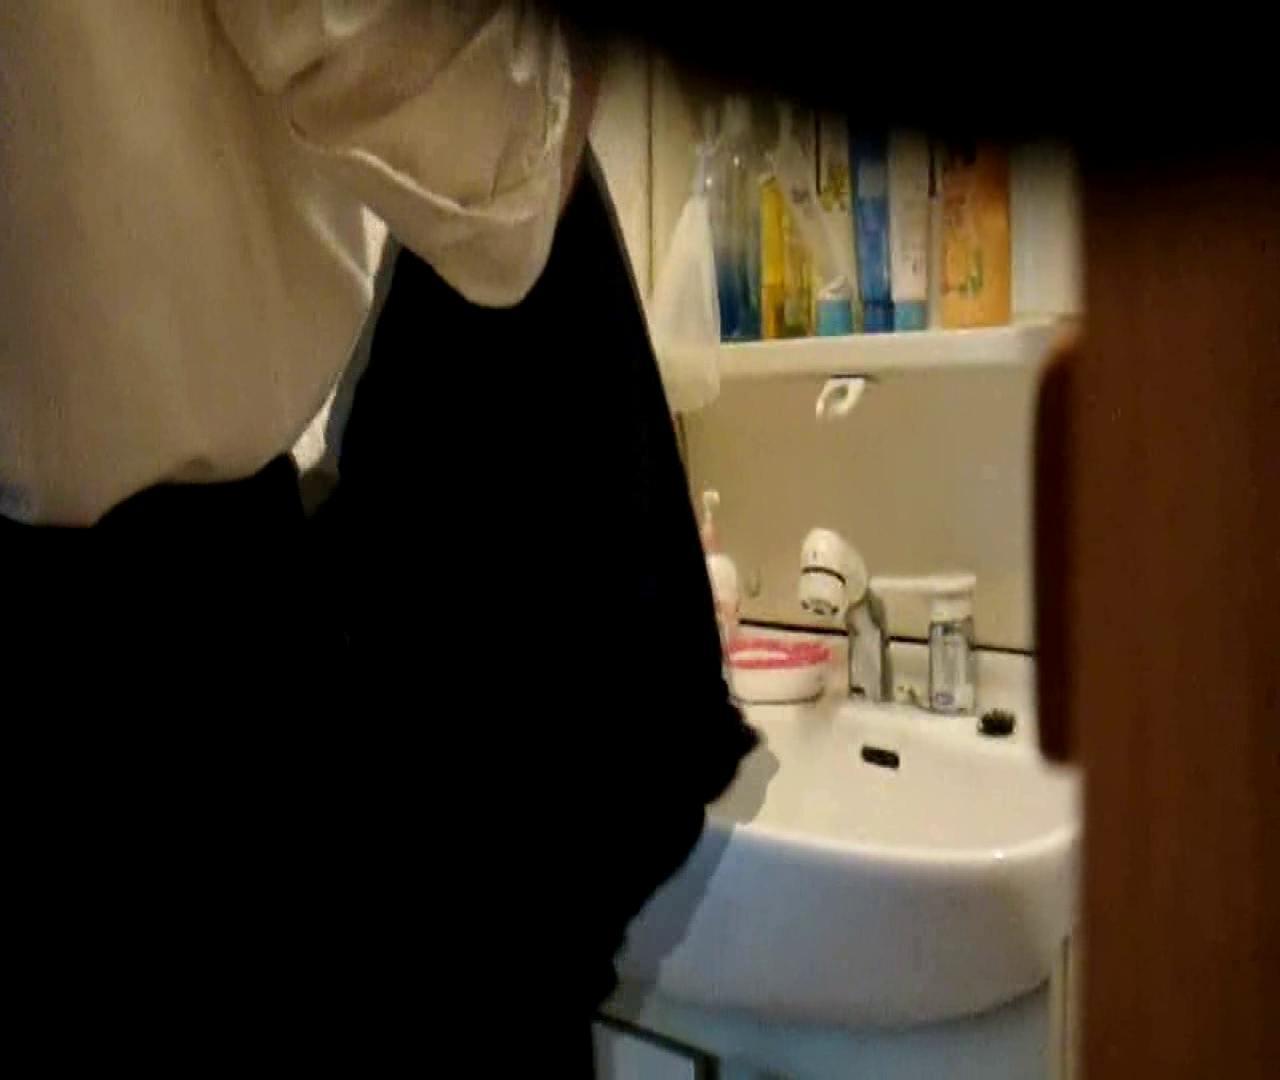 二人とも育てた甲斐がありました… vol.05 まどかが洗顔後にブラを洗濯 盗撮シリーズ | おまんこ見放題  79PIX 63